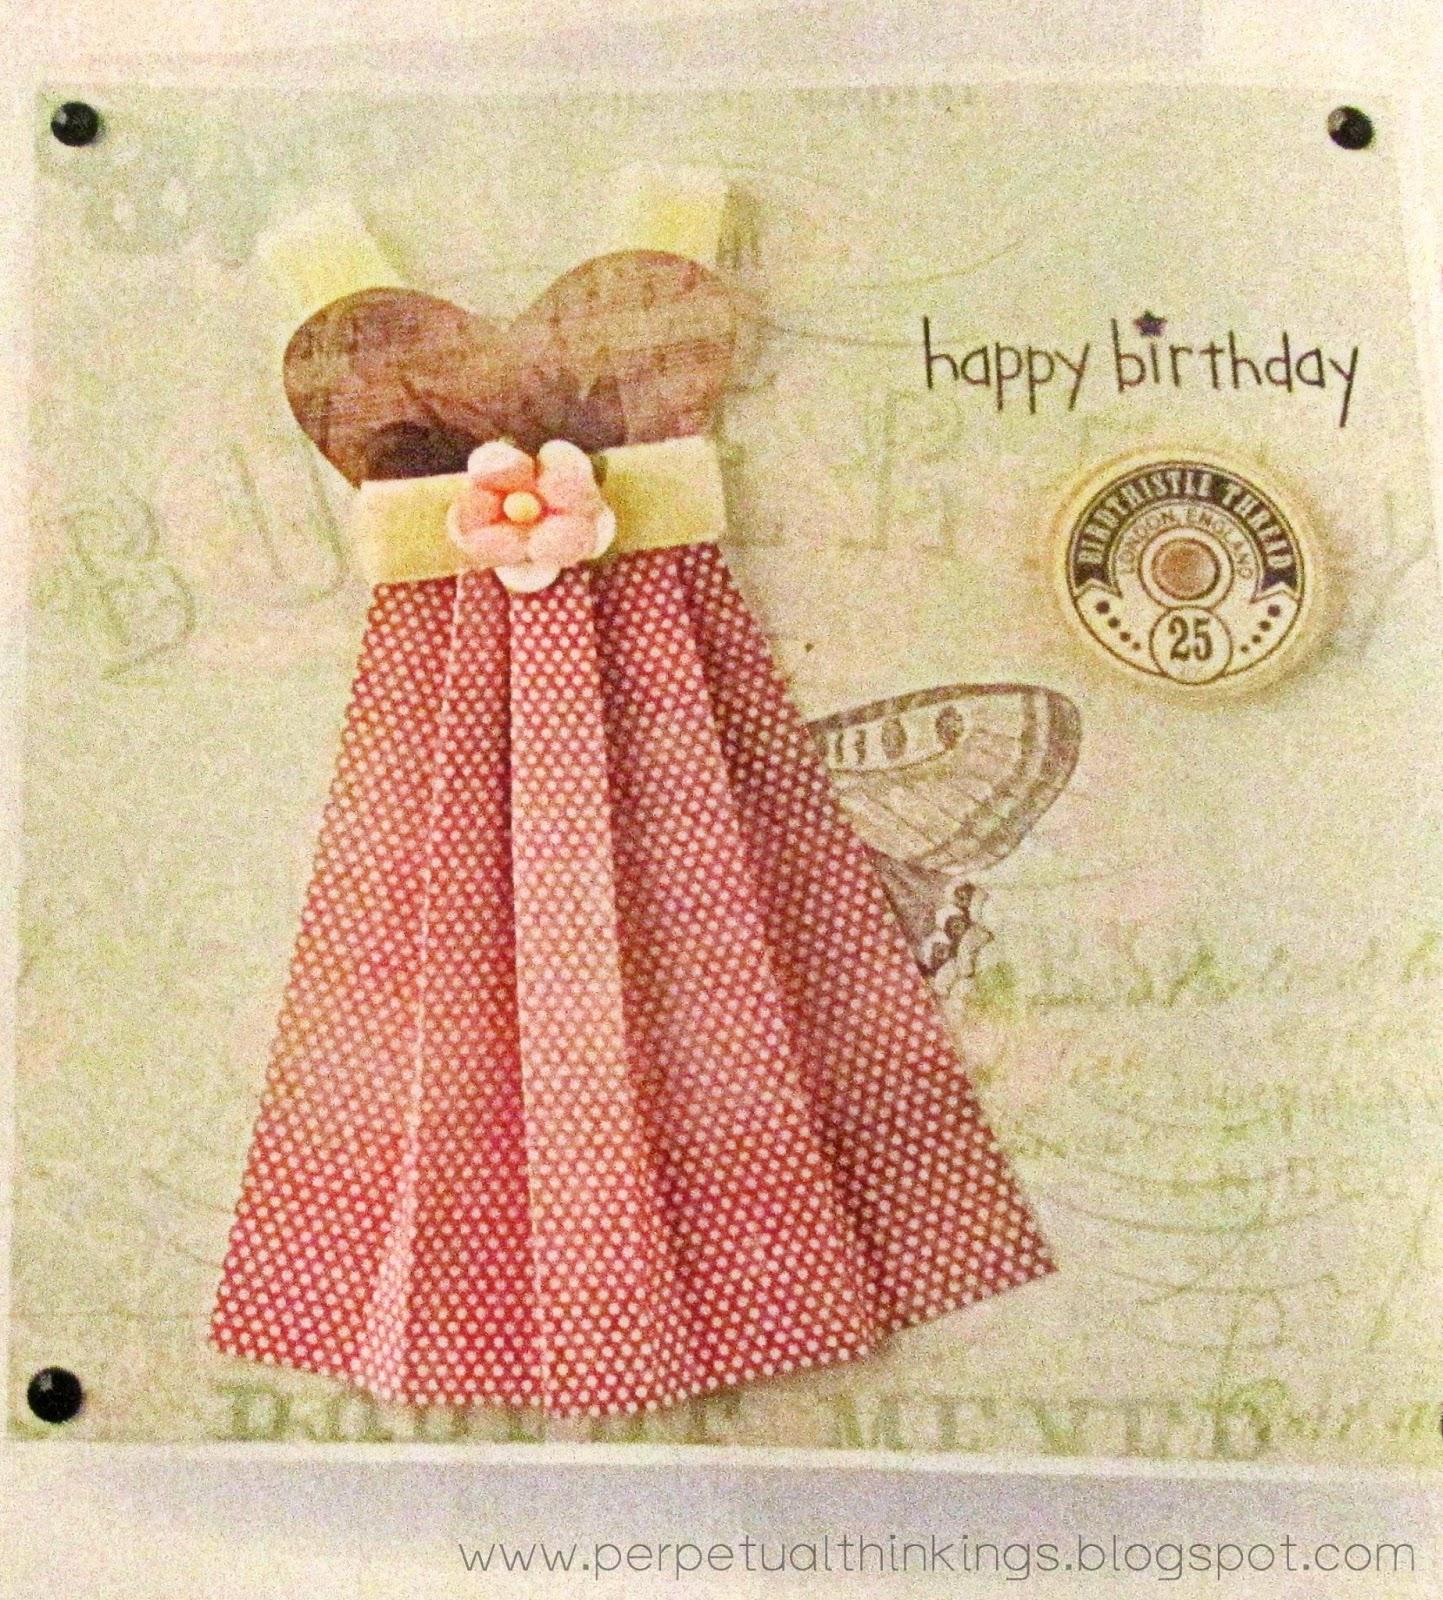 http://1.bp.blogspot.com/-nhTAiMaX_Bc/URVMXM6fijI/AAAAAAAAF5c/A3NB7OAIRoo/s1600/paper+crafts+inspiration.JPG